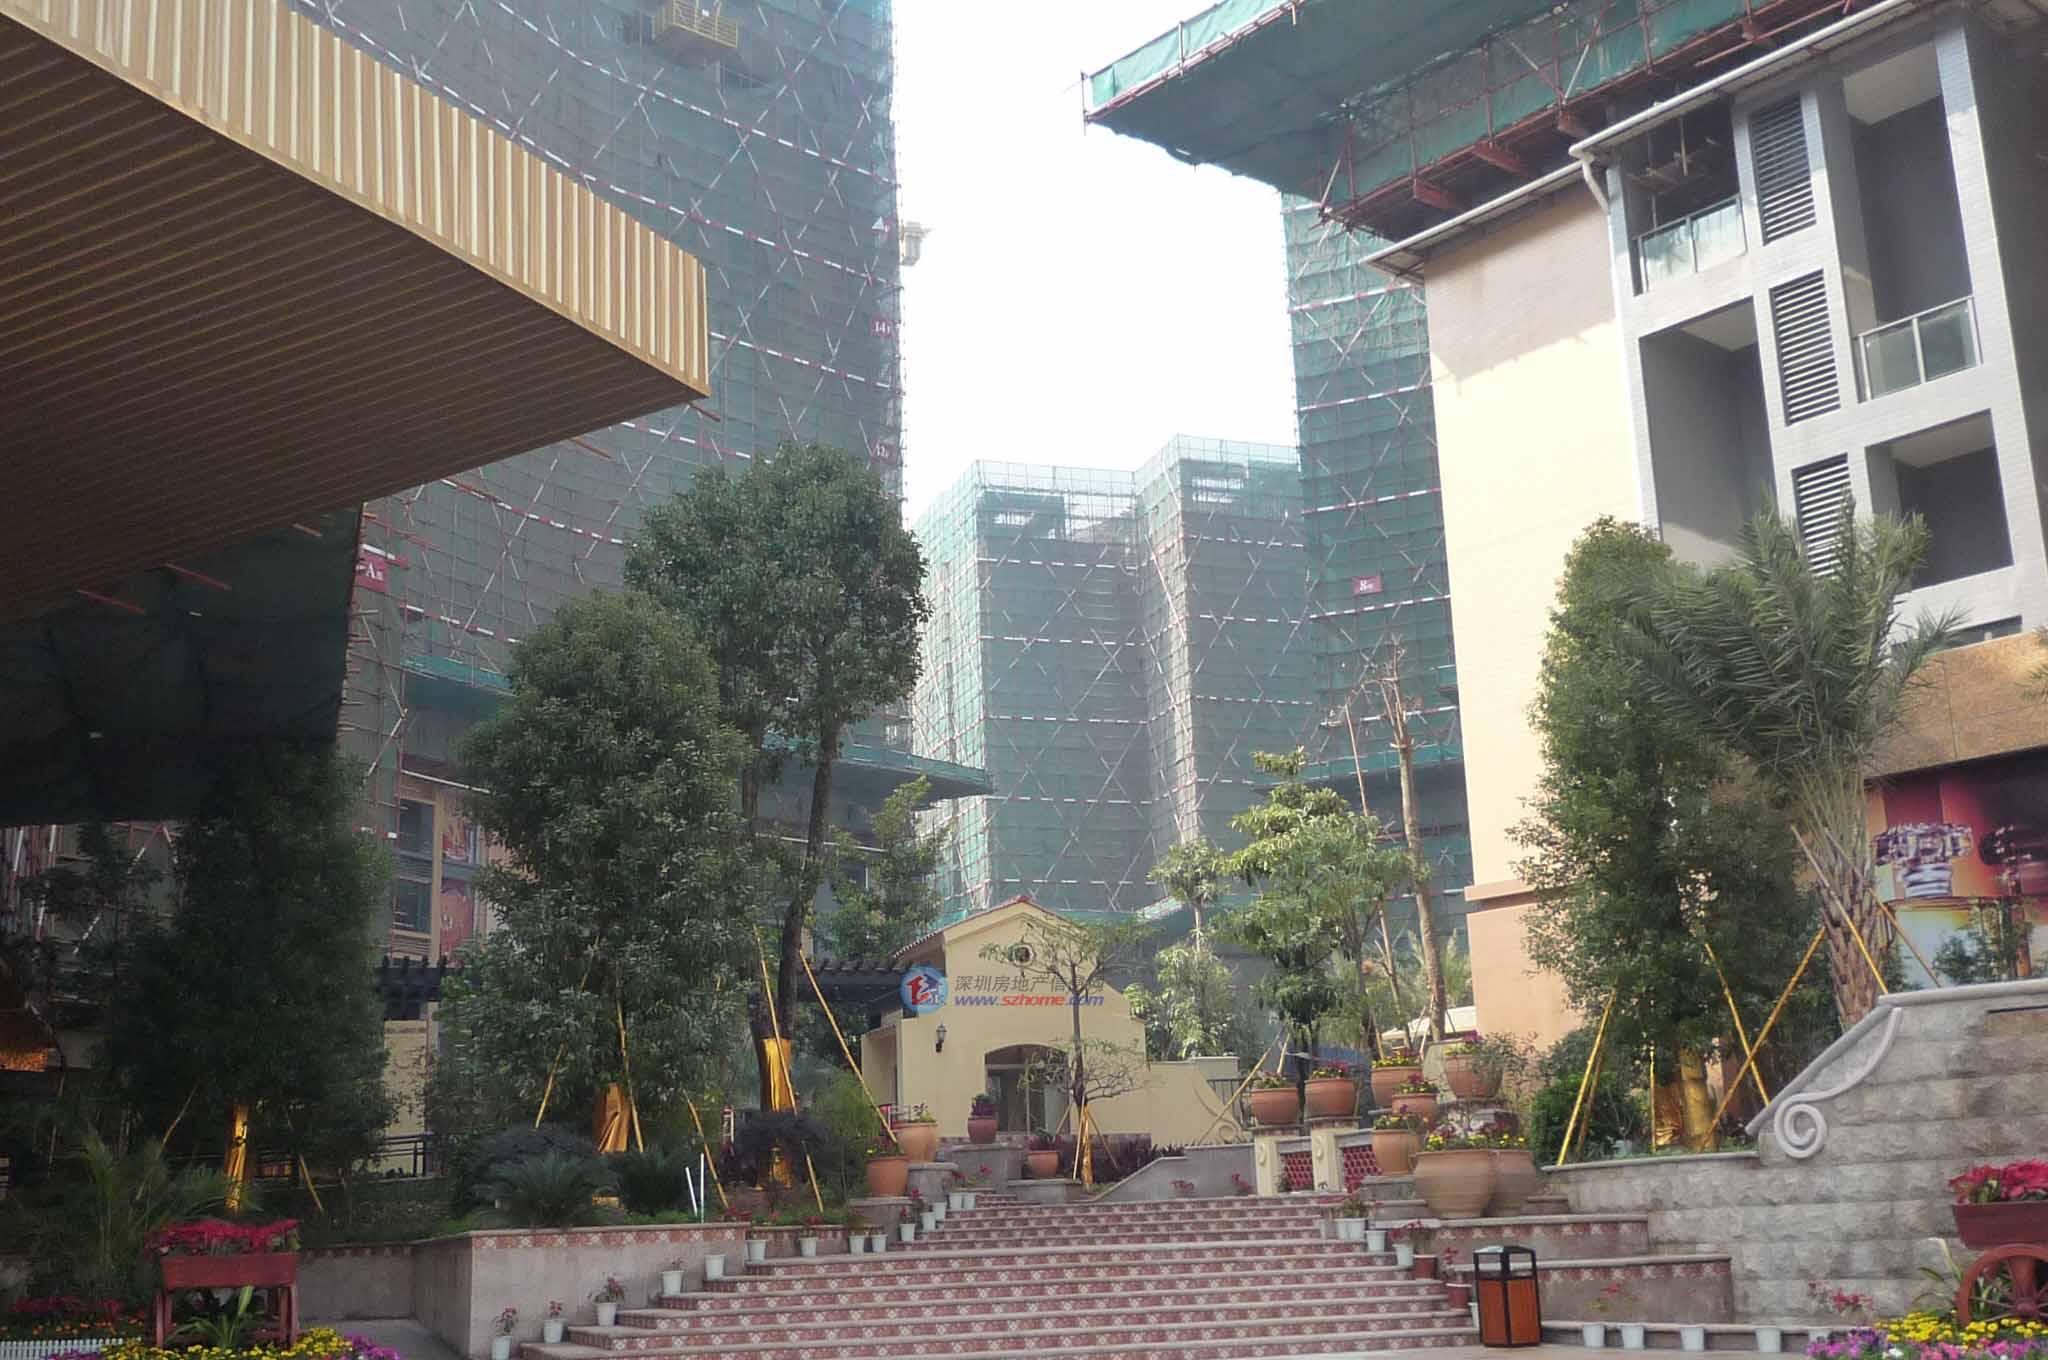 宏發上域-宏發上域公租房樓盤相冊-深圳房地產信息網圖片